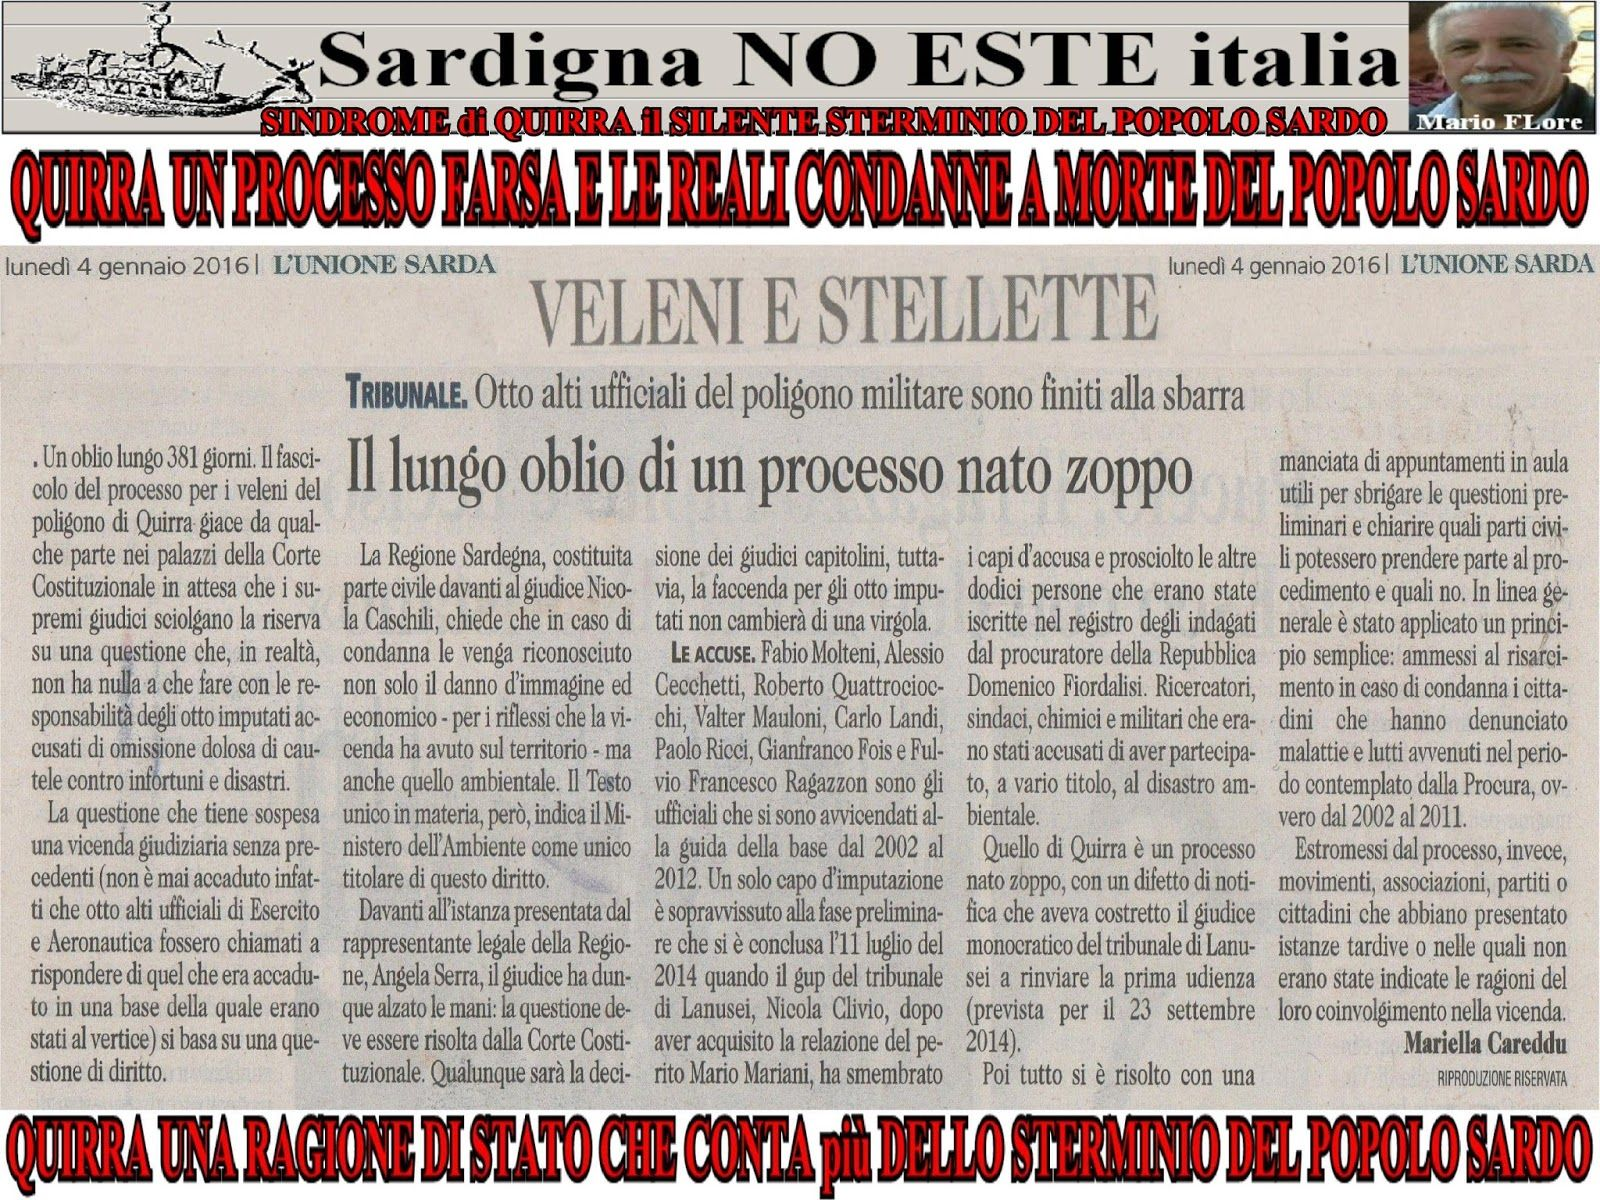 SINDROME di QUIRRA il SILENTE STERMINIO del POPOLO SARDO QUIRRA un PROCESSO FARSA e le REALI CONDANNE a MORTE del POPOLO SARDO QUIRRA una RAGIONE dello STATO italiano CHE CONTA più del POPOLO SARDO  QUIRRA: IL SILENZIO è LA MIGLIORE ARMA di chi NEGA gli ORRORI Ma il POPOLO SARDO non può più TACERE ma CONDANNARE s'italia e gli ASCARI e VASSALLI Sardi servi fedeli politicanti complici e sottomessi a questo CRIMINALE STERMINIO. Sardigna NO ESTE italia.